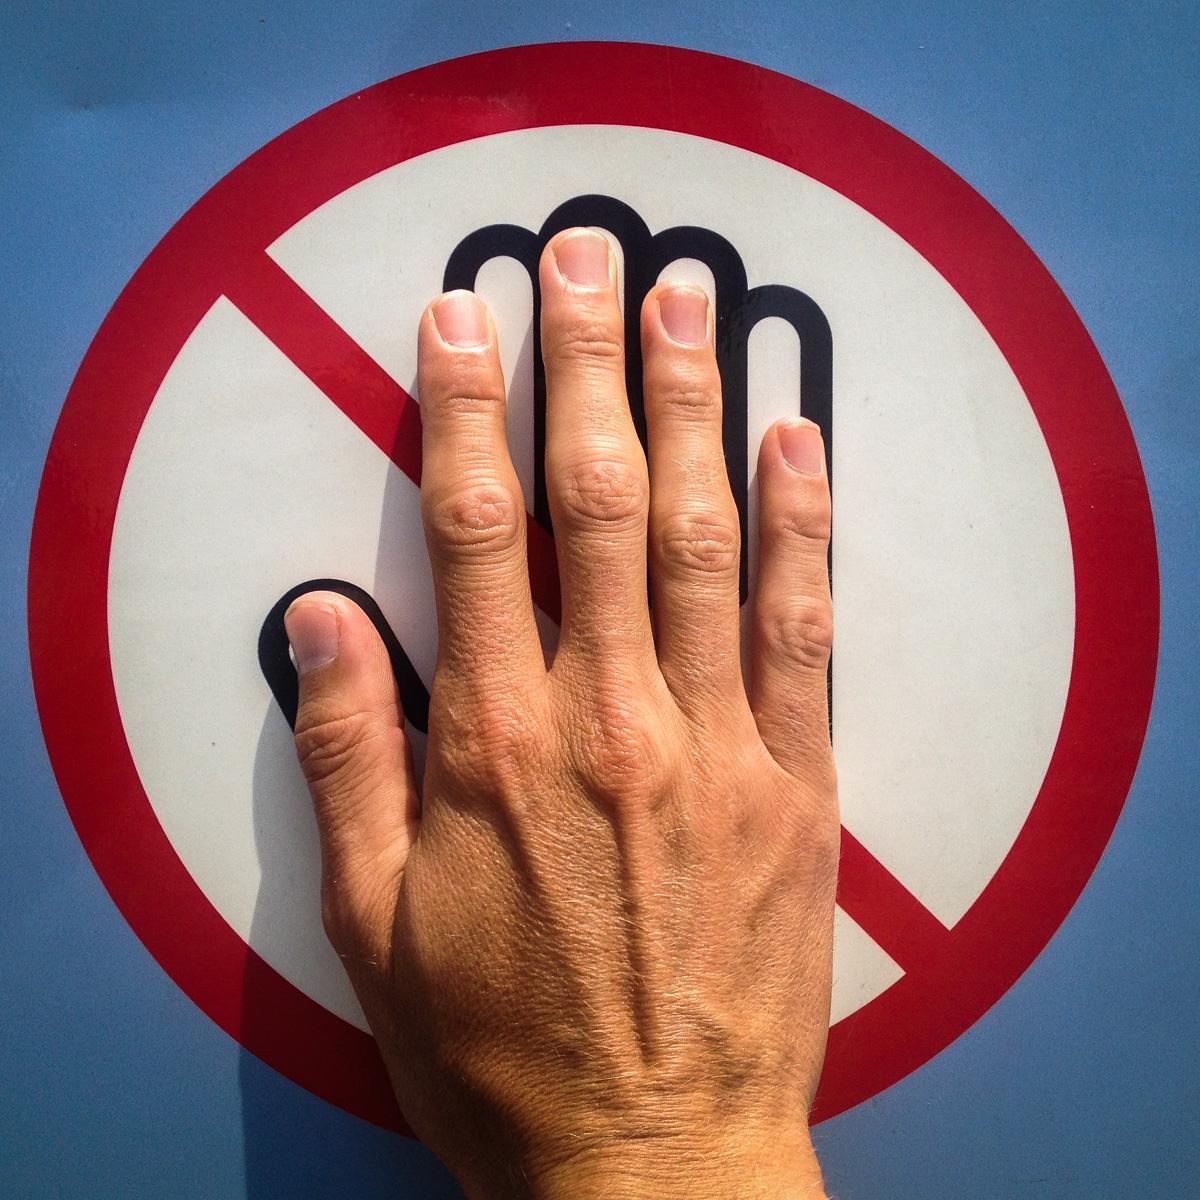 No hands?